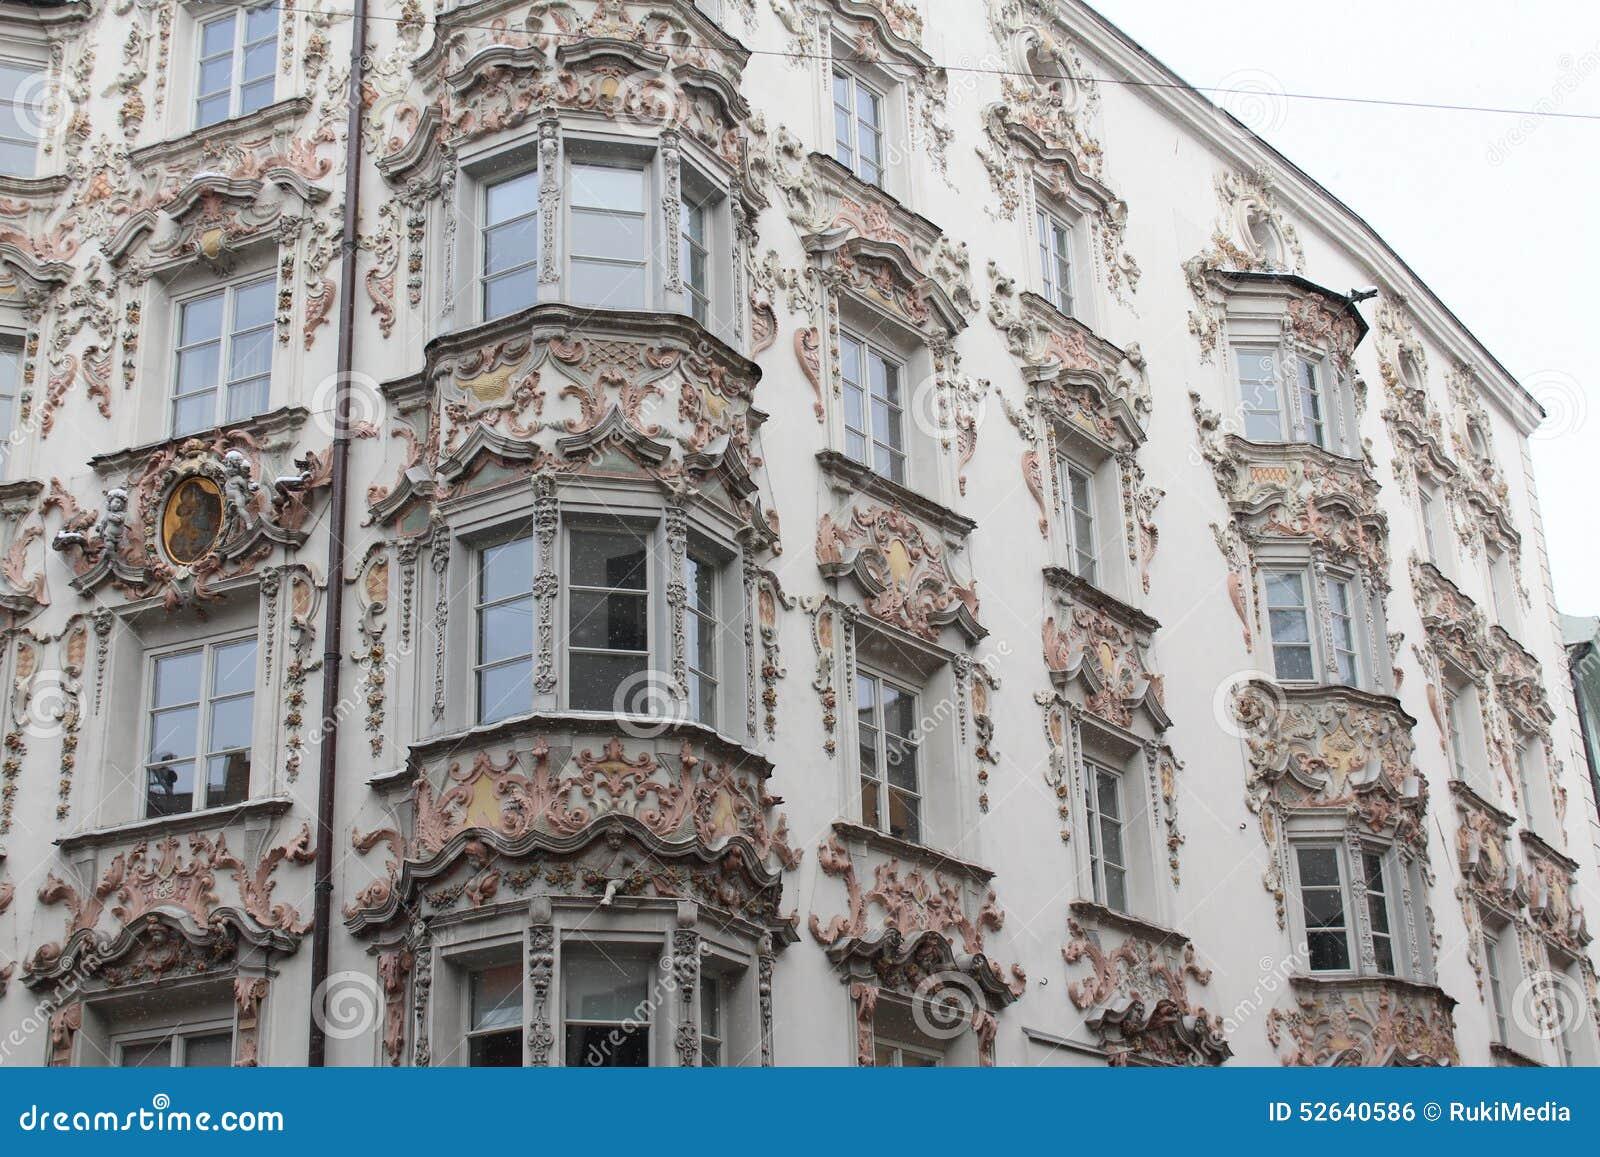 56a0e1648318 Classic Austrian Architecture In Innsbruck